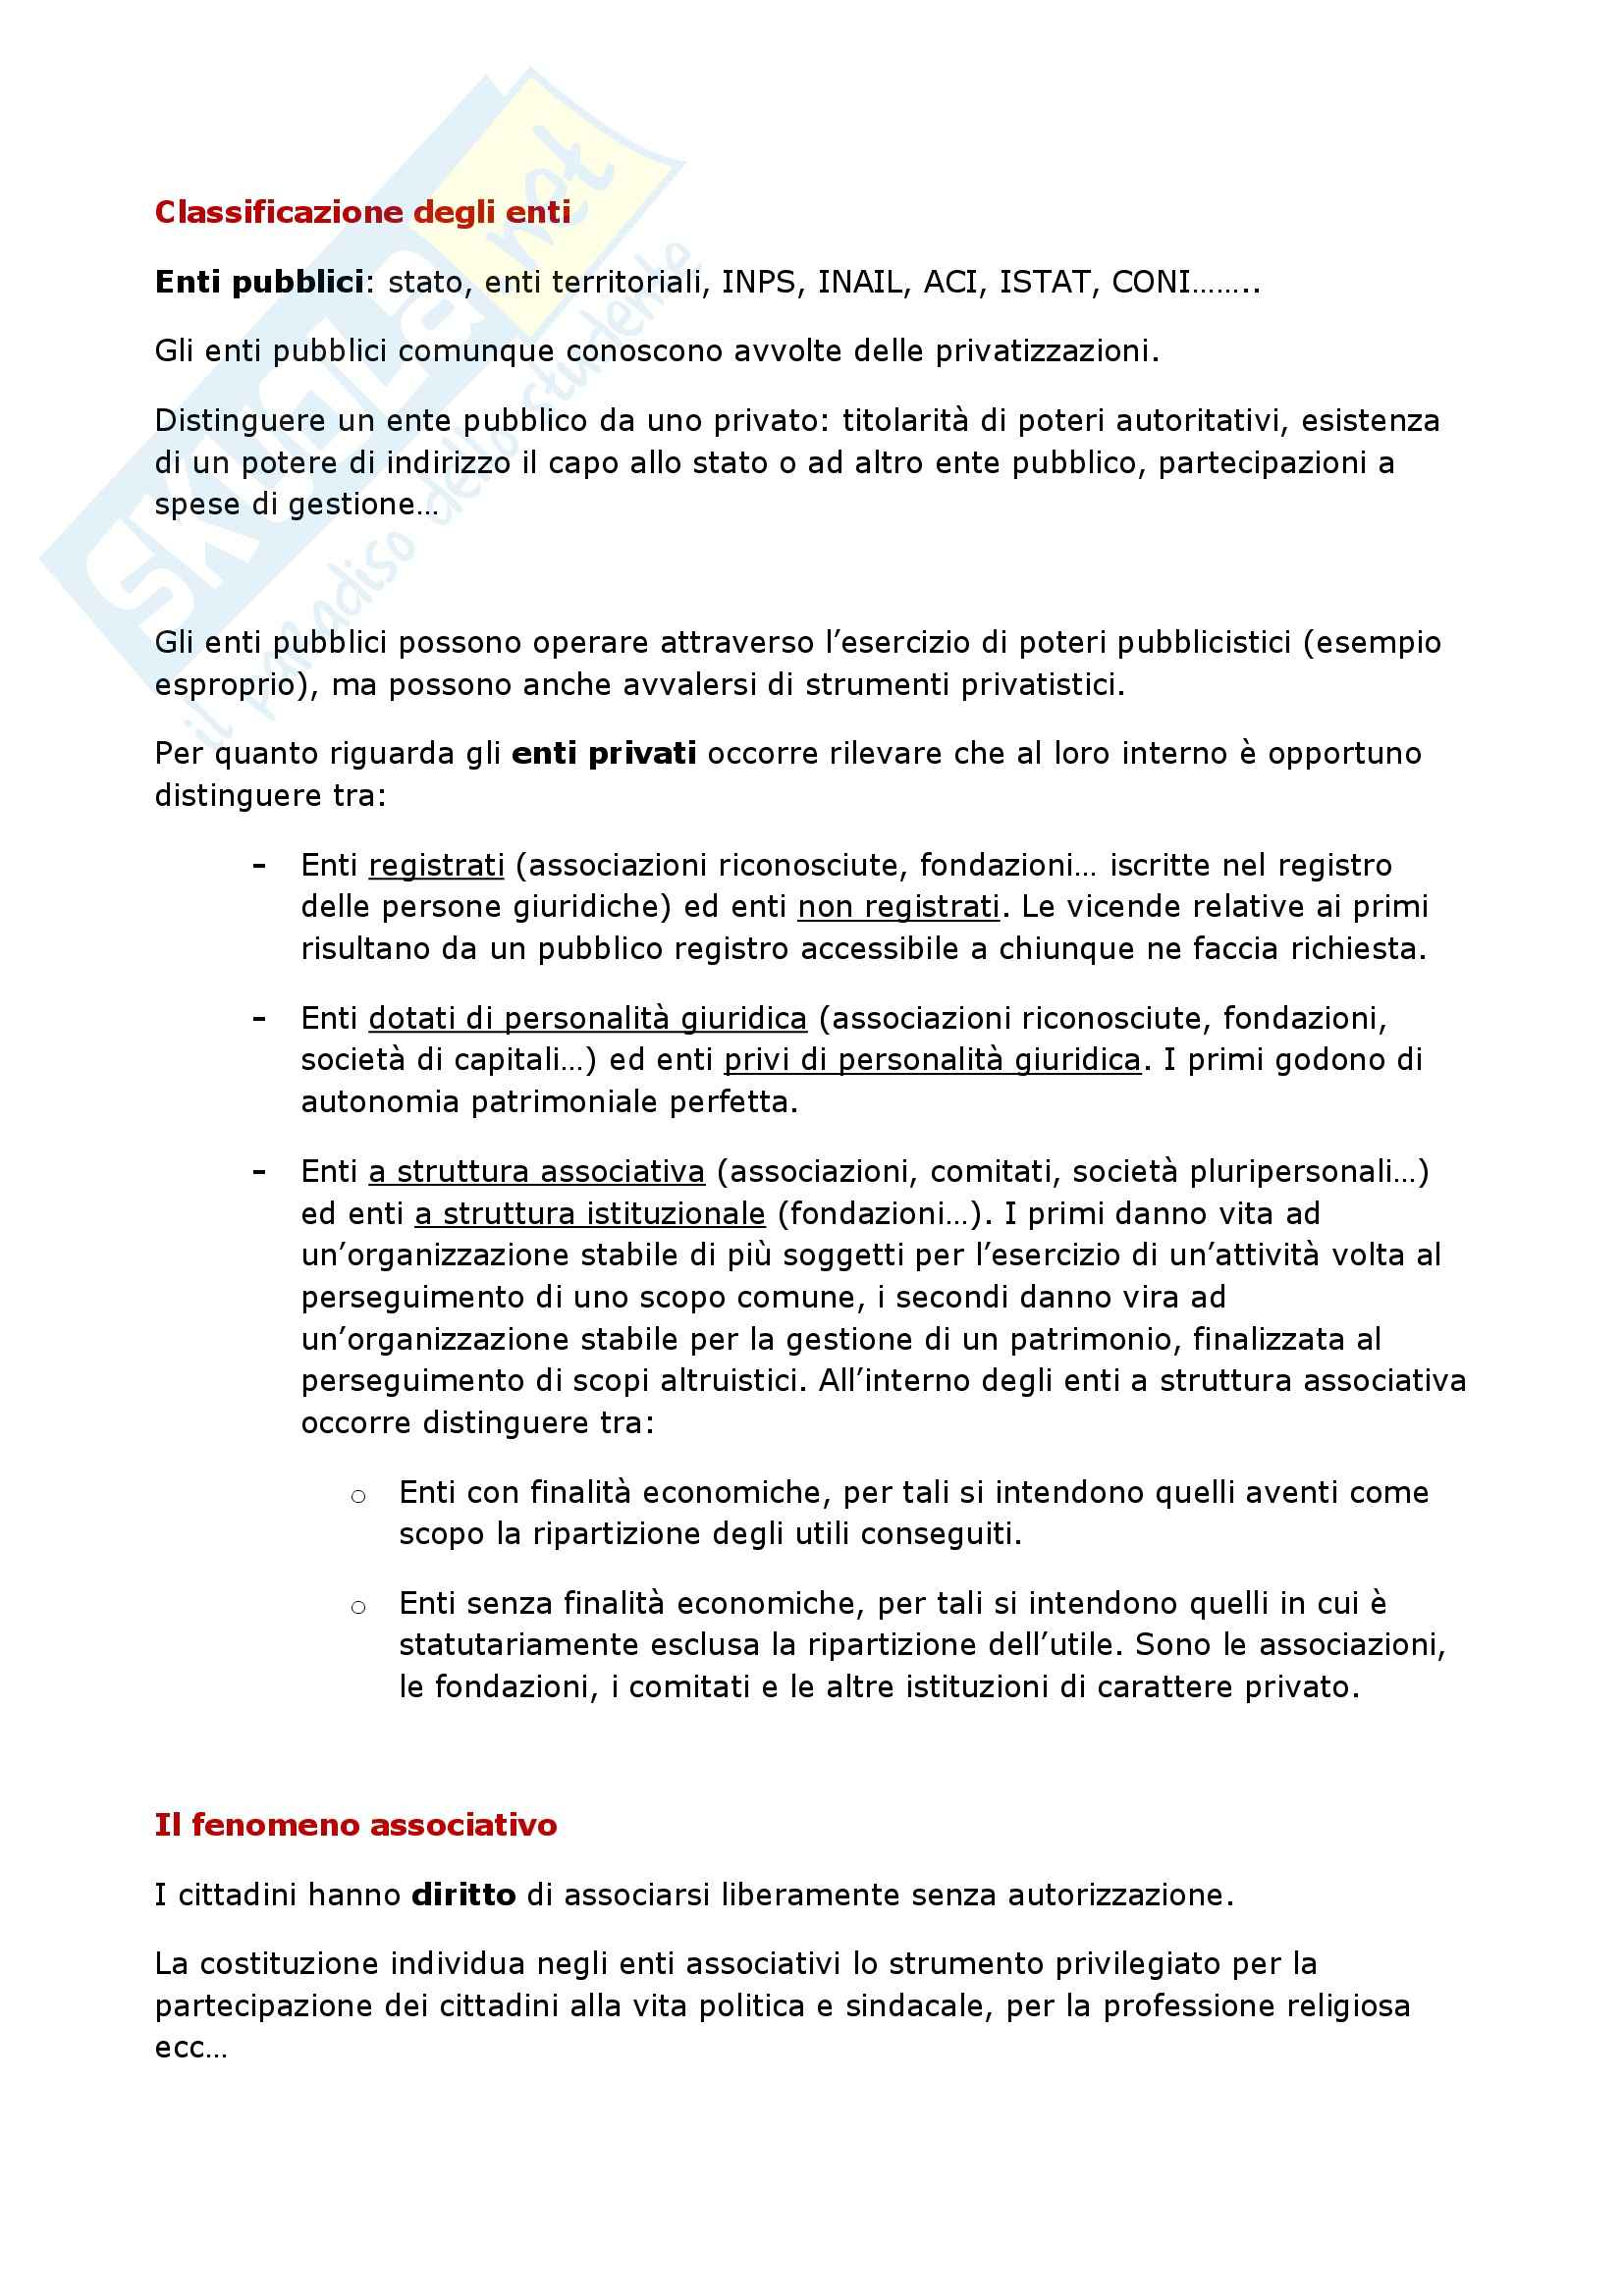 Riassunto esame Manuale di Diritto Privato, Torrente, Schlesinger, prof. Stefini Pag. 36